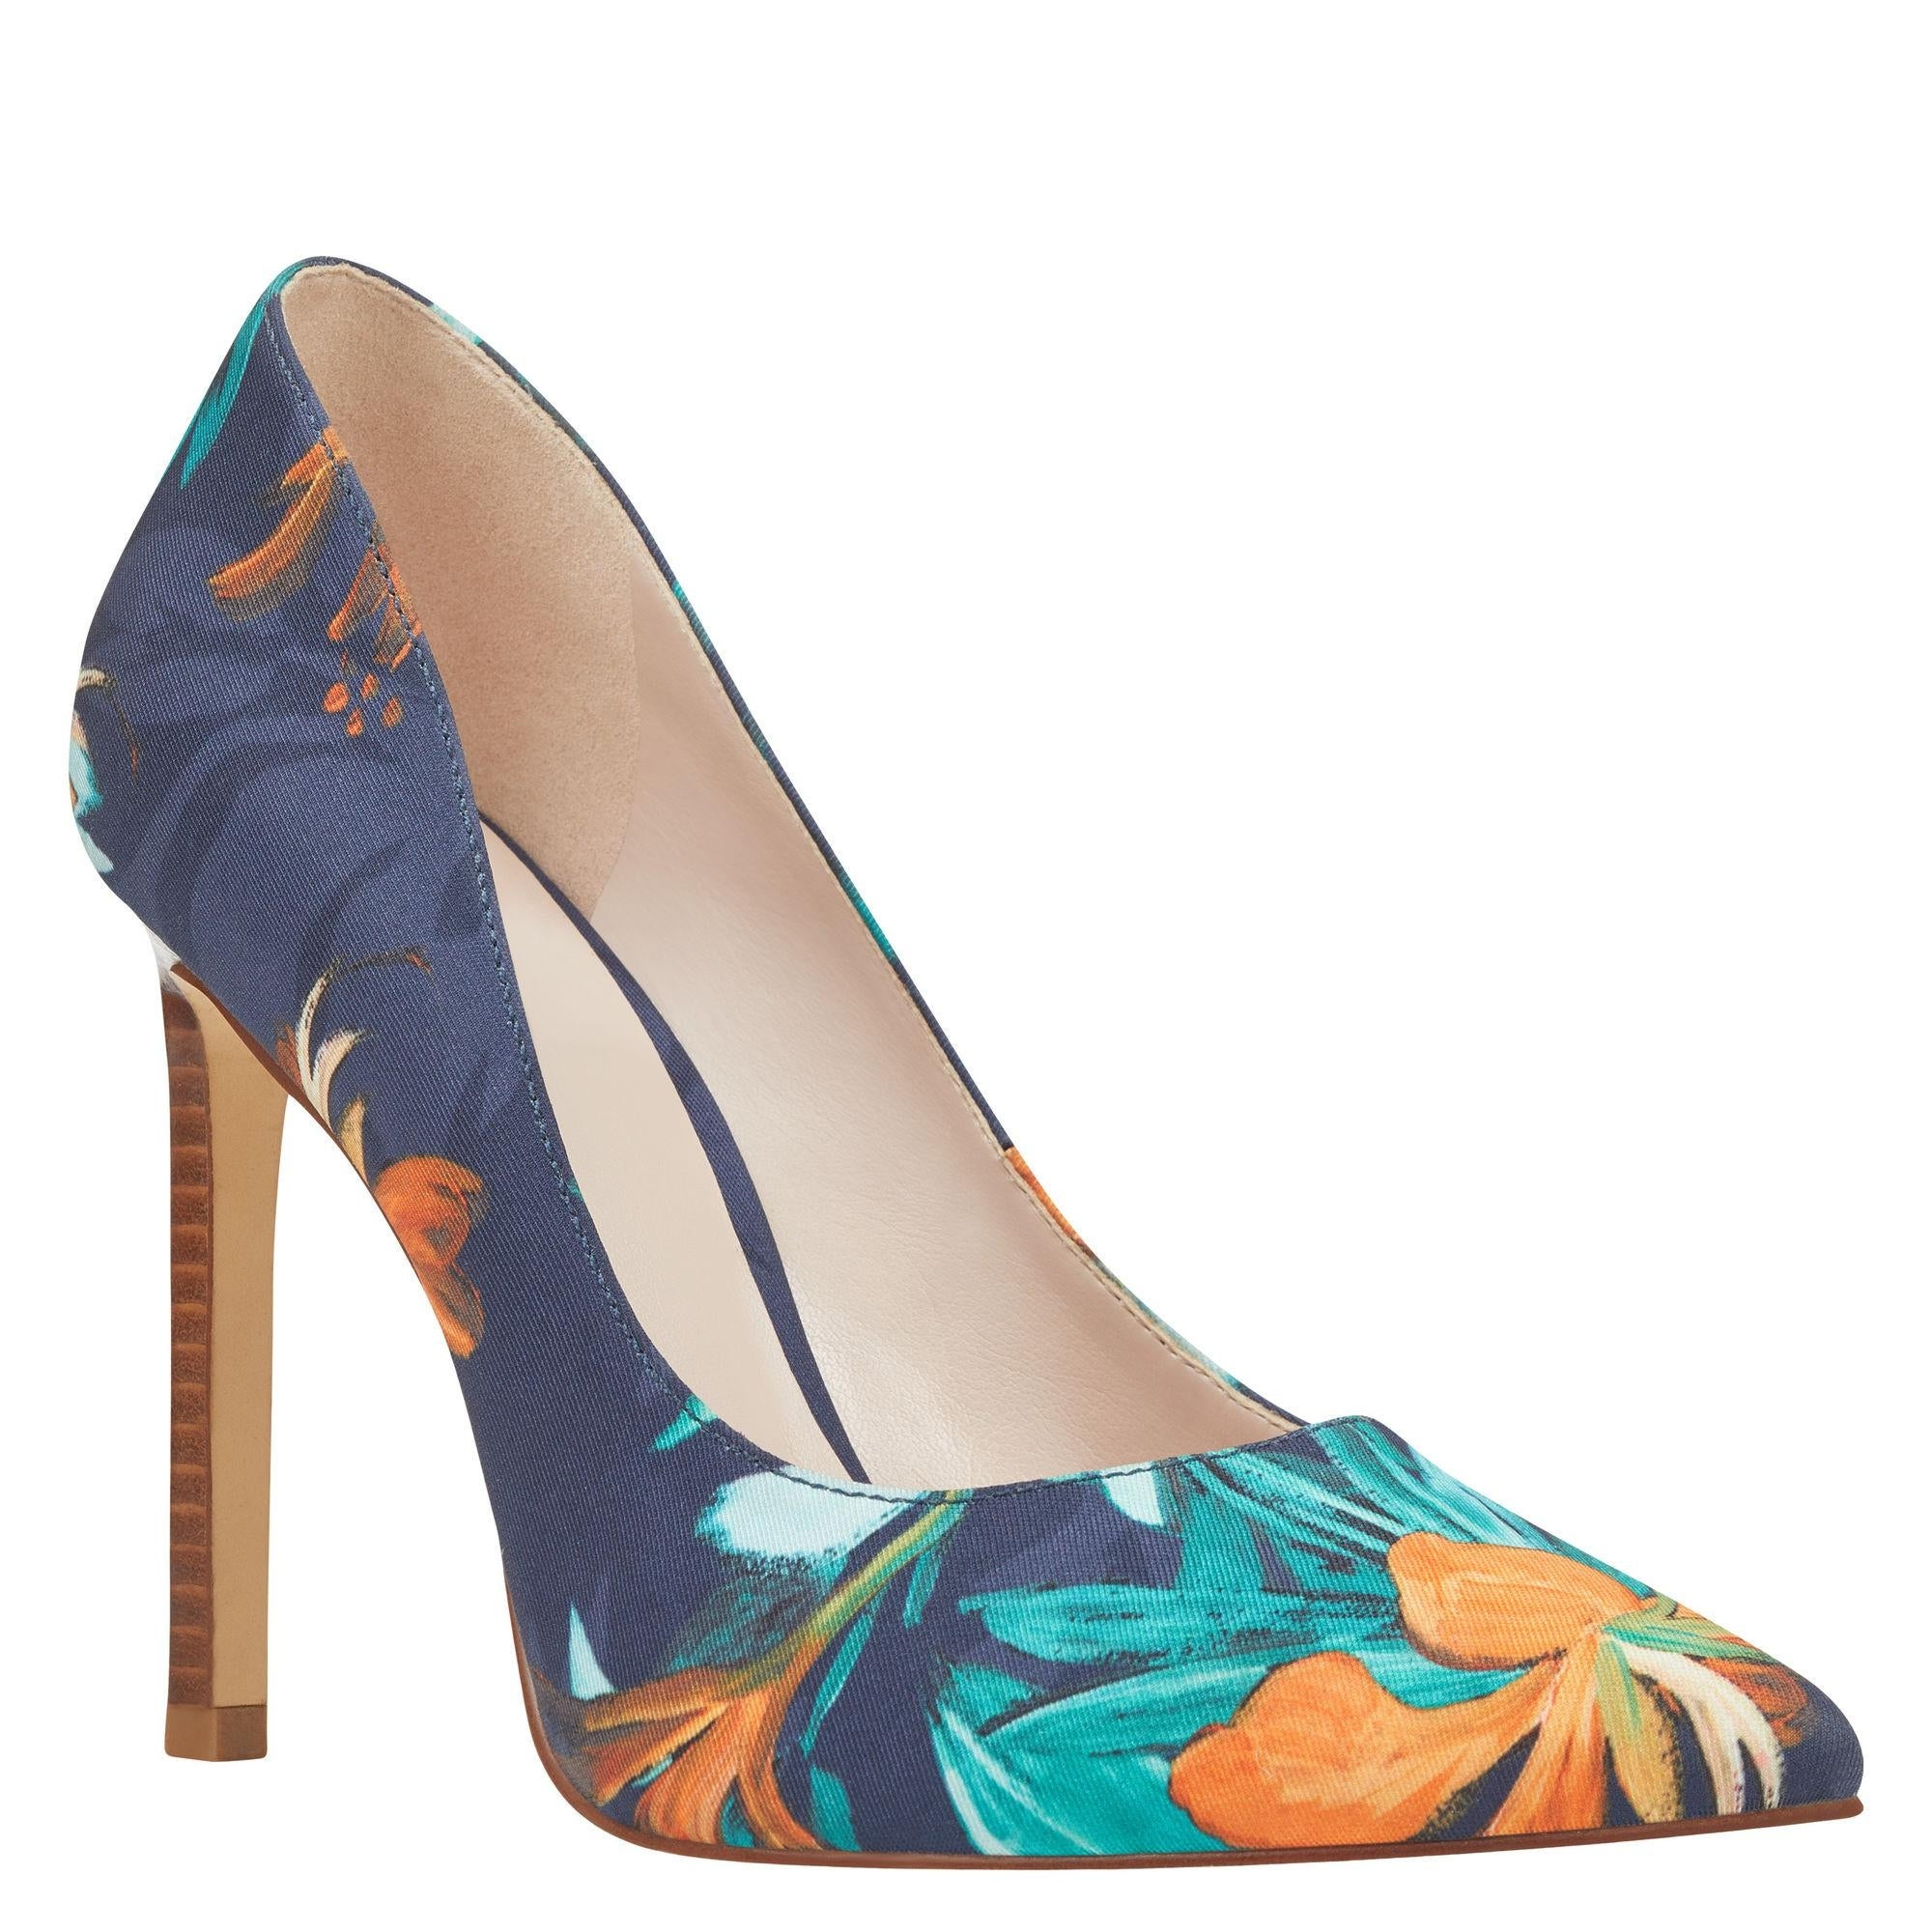 fdd6bfce5a Nine West Women s Shoes